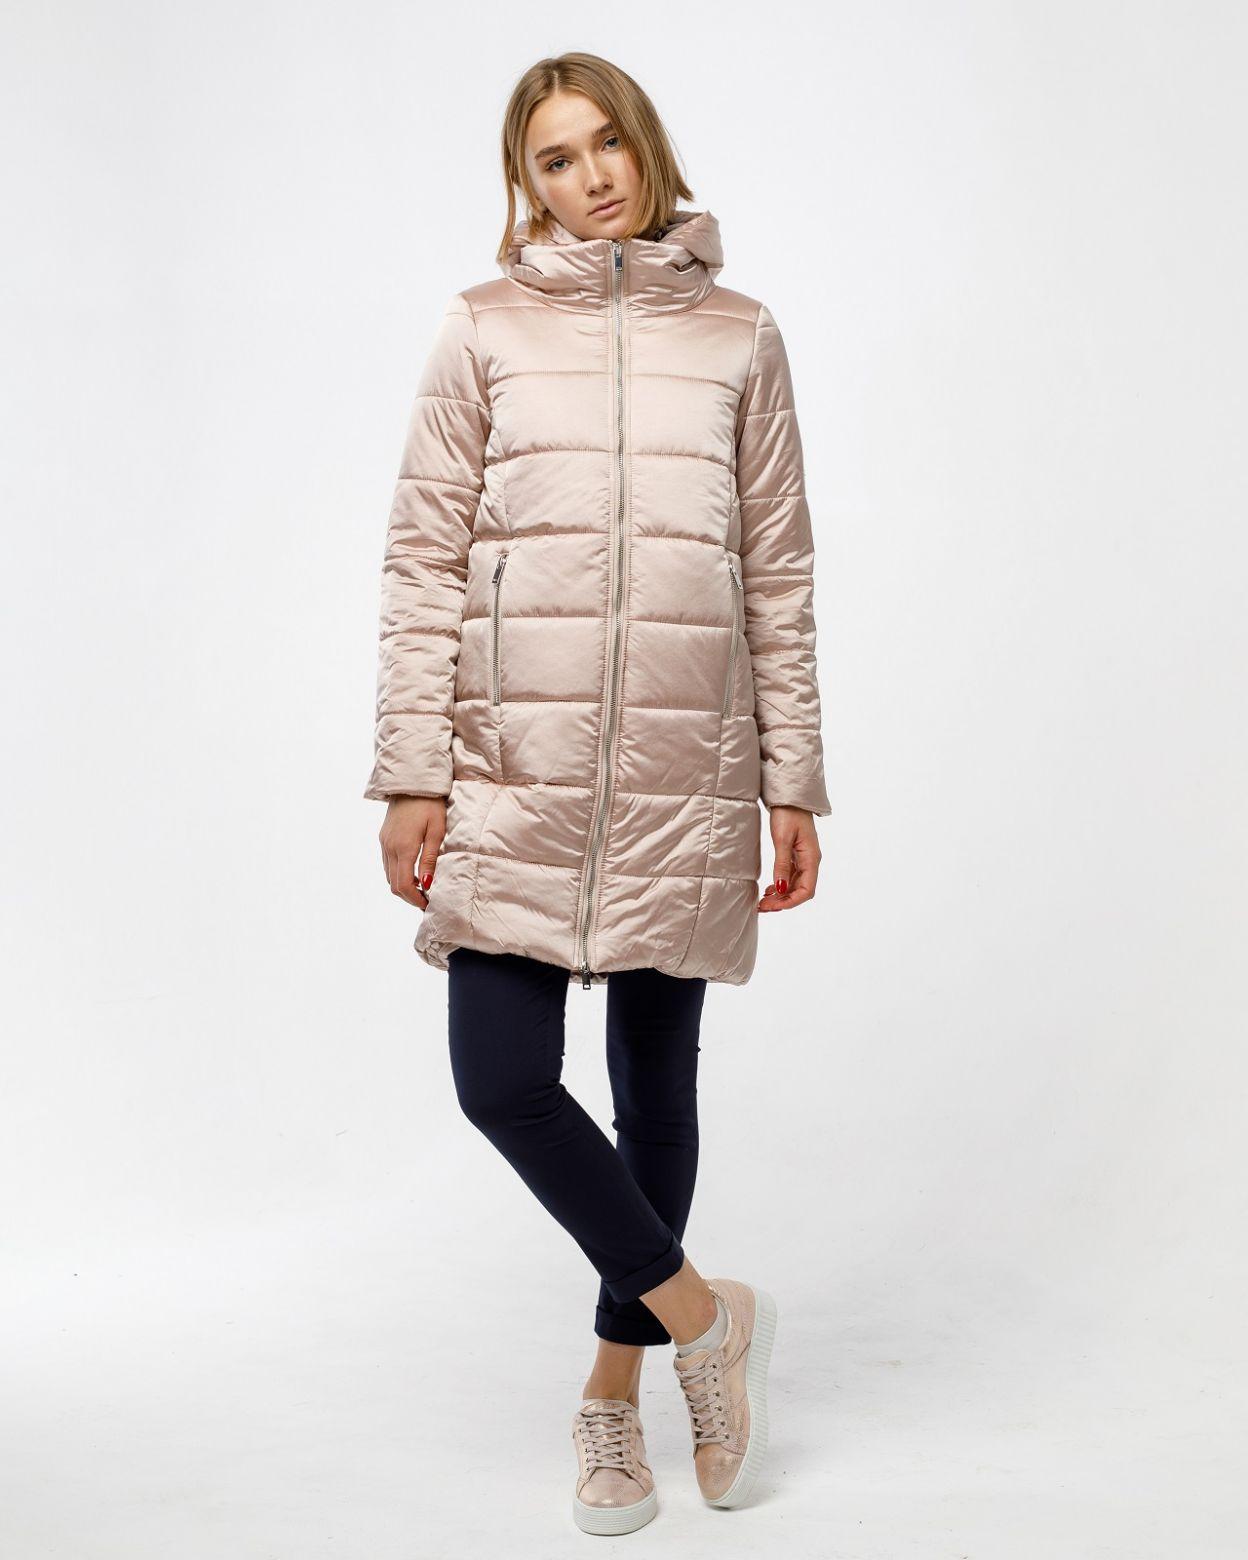 Зимнее женское пальто необычного кроя с центральной металлической молнией. С внутренней стороны молния прикрыта ветрозащитной планкой. Воротник стойка средней высоты. Капюшон отстегивается и крепится на скрытые кнопки. Вертикальные прорезные карманы засте